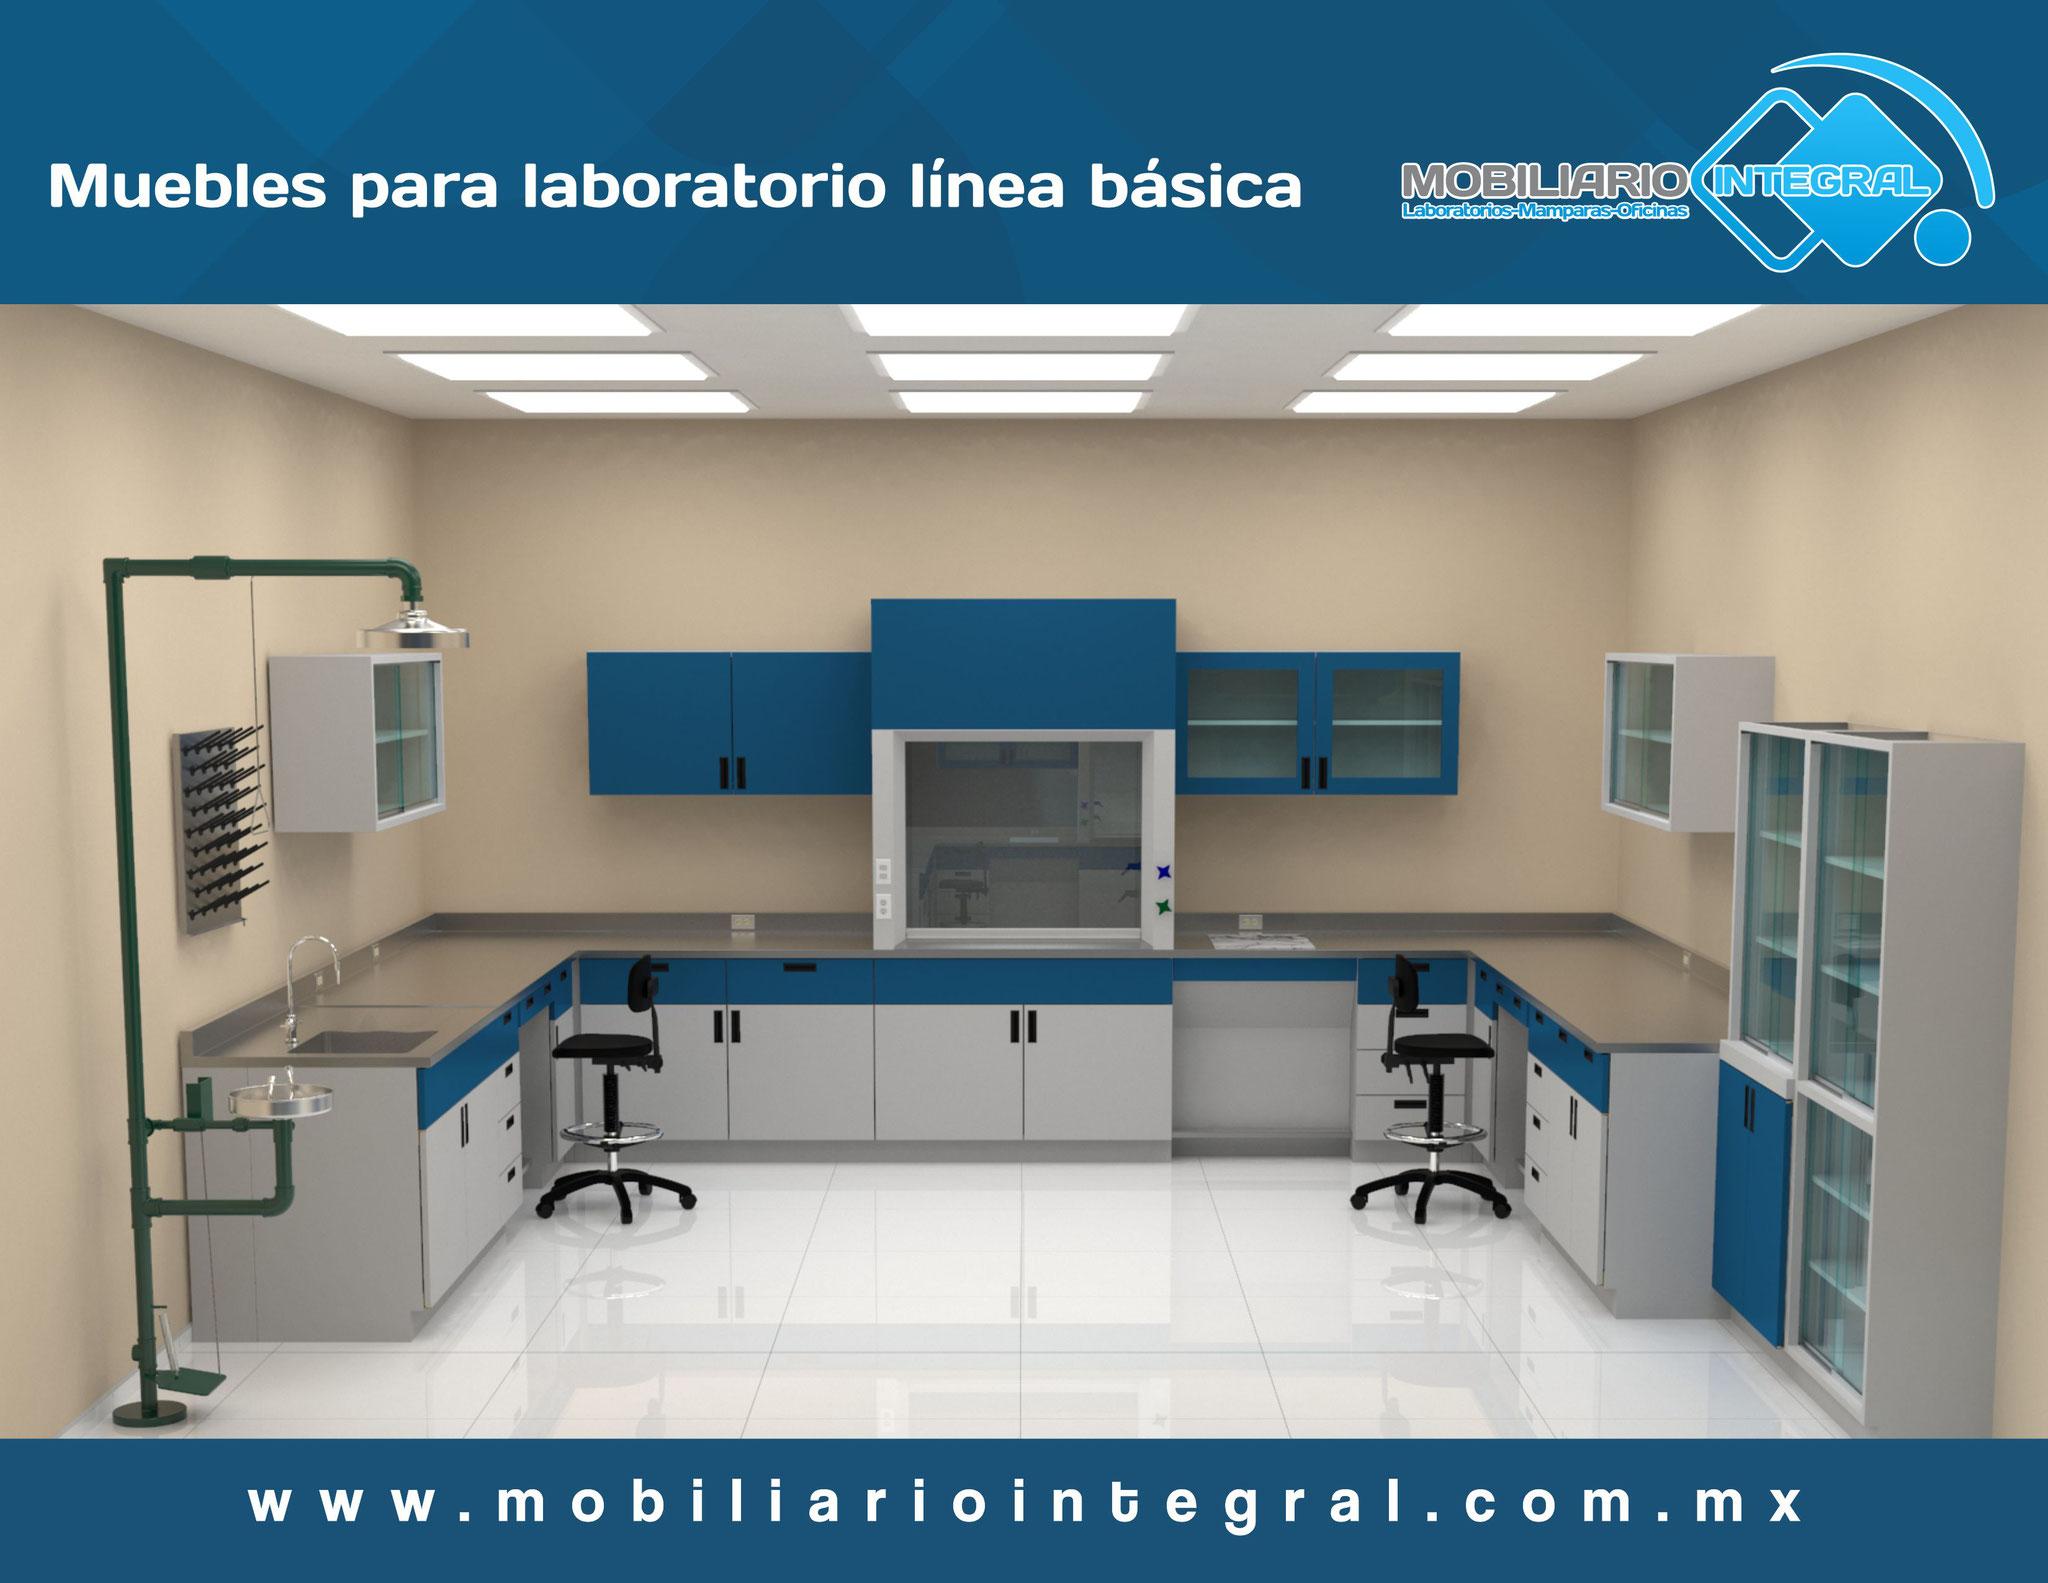 Muebles para laboratorio en Iguala